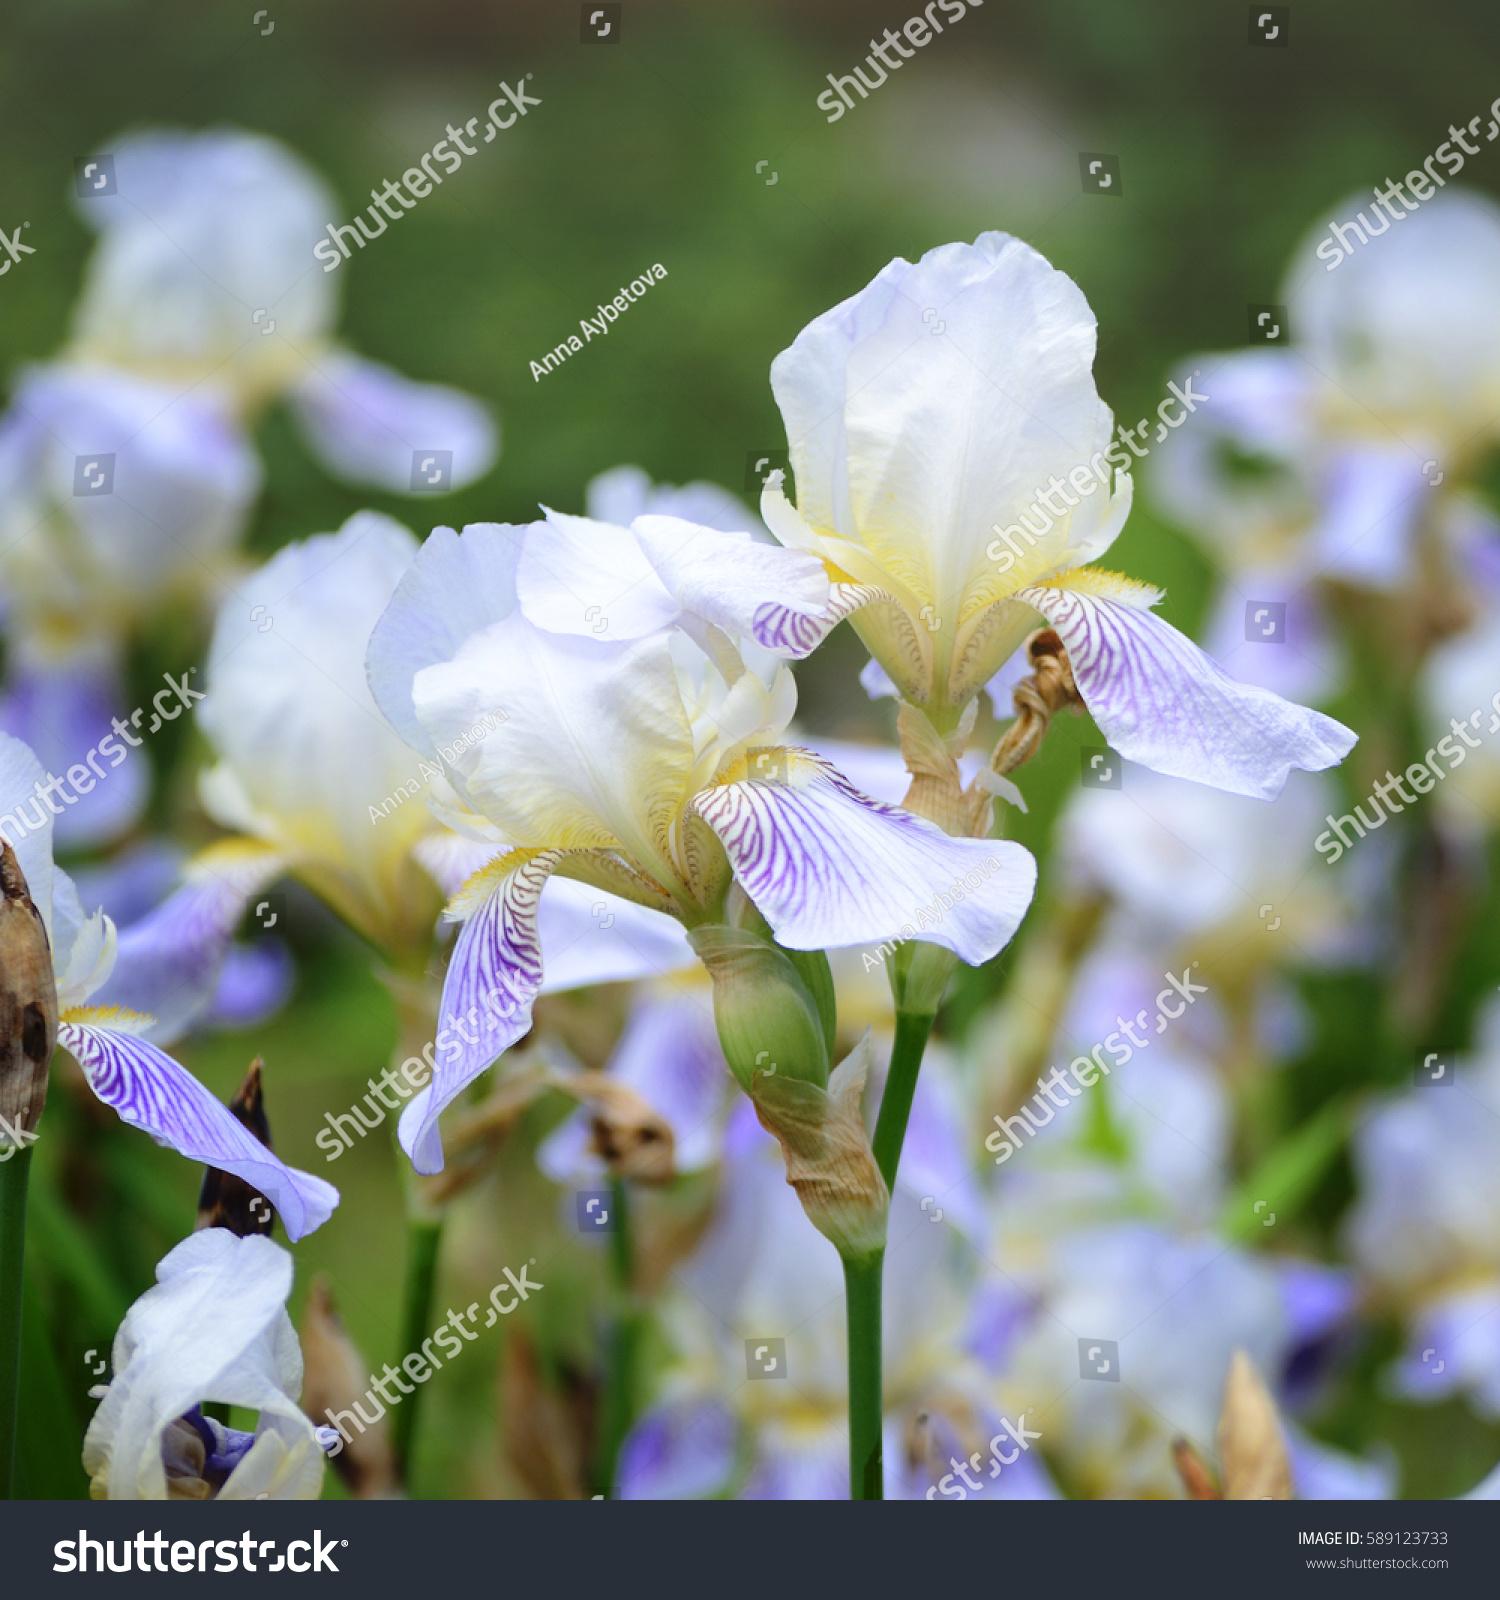 Gorgeous purple iris flower garden spring stock photo royalty free gorgeous purple iris flower in the garden spring floral background izmirmasajfo